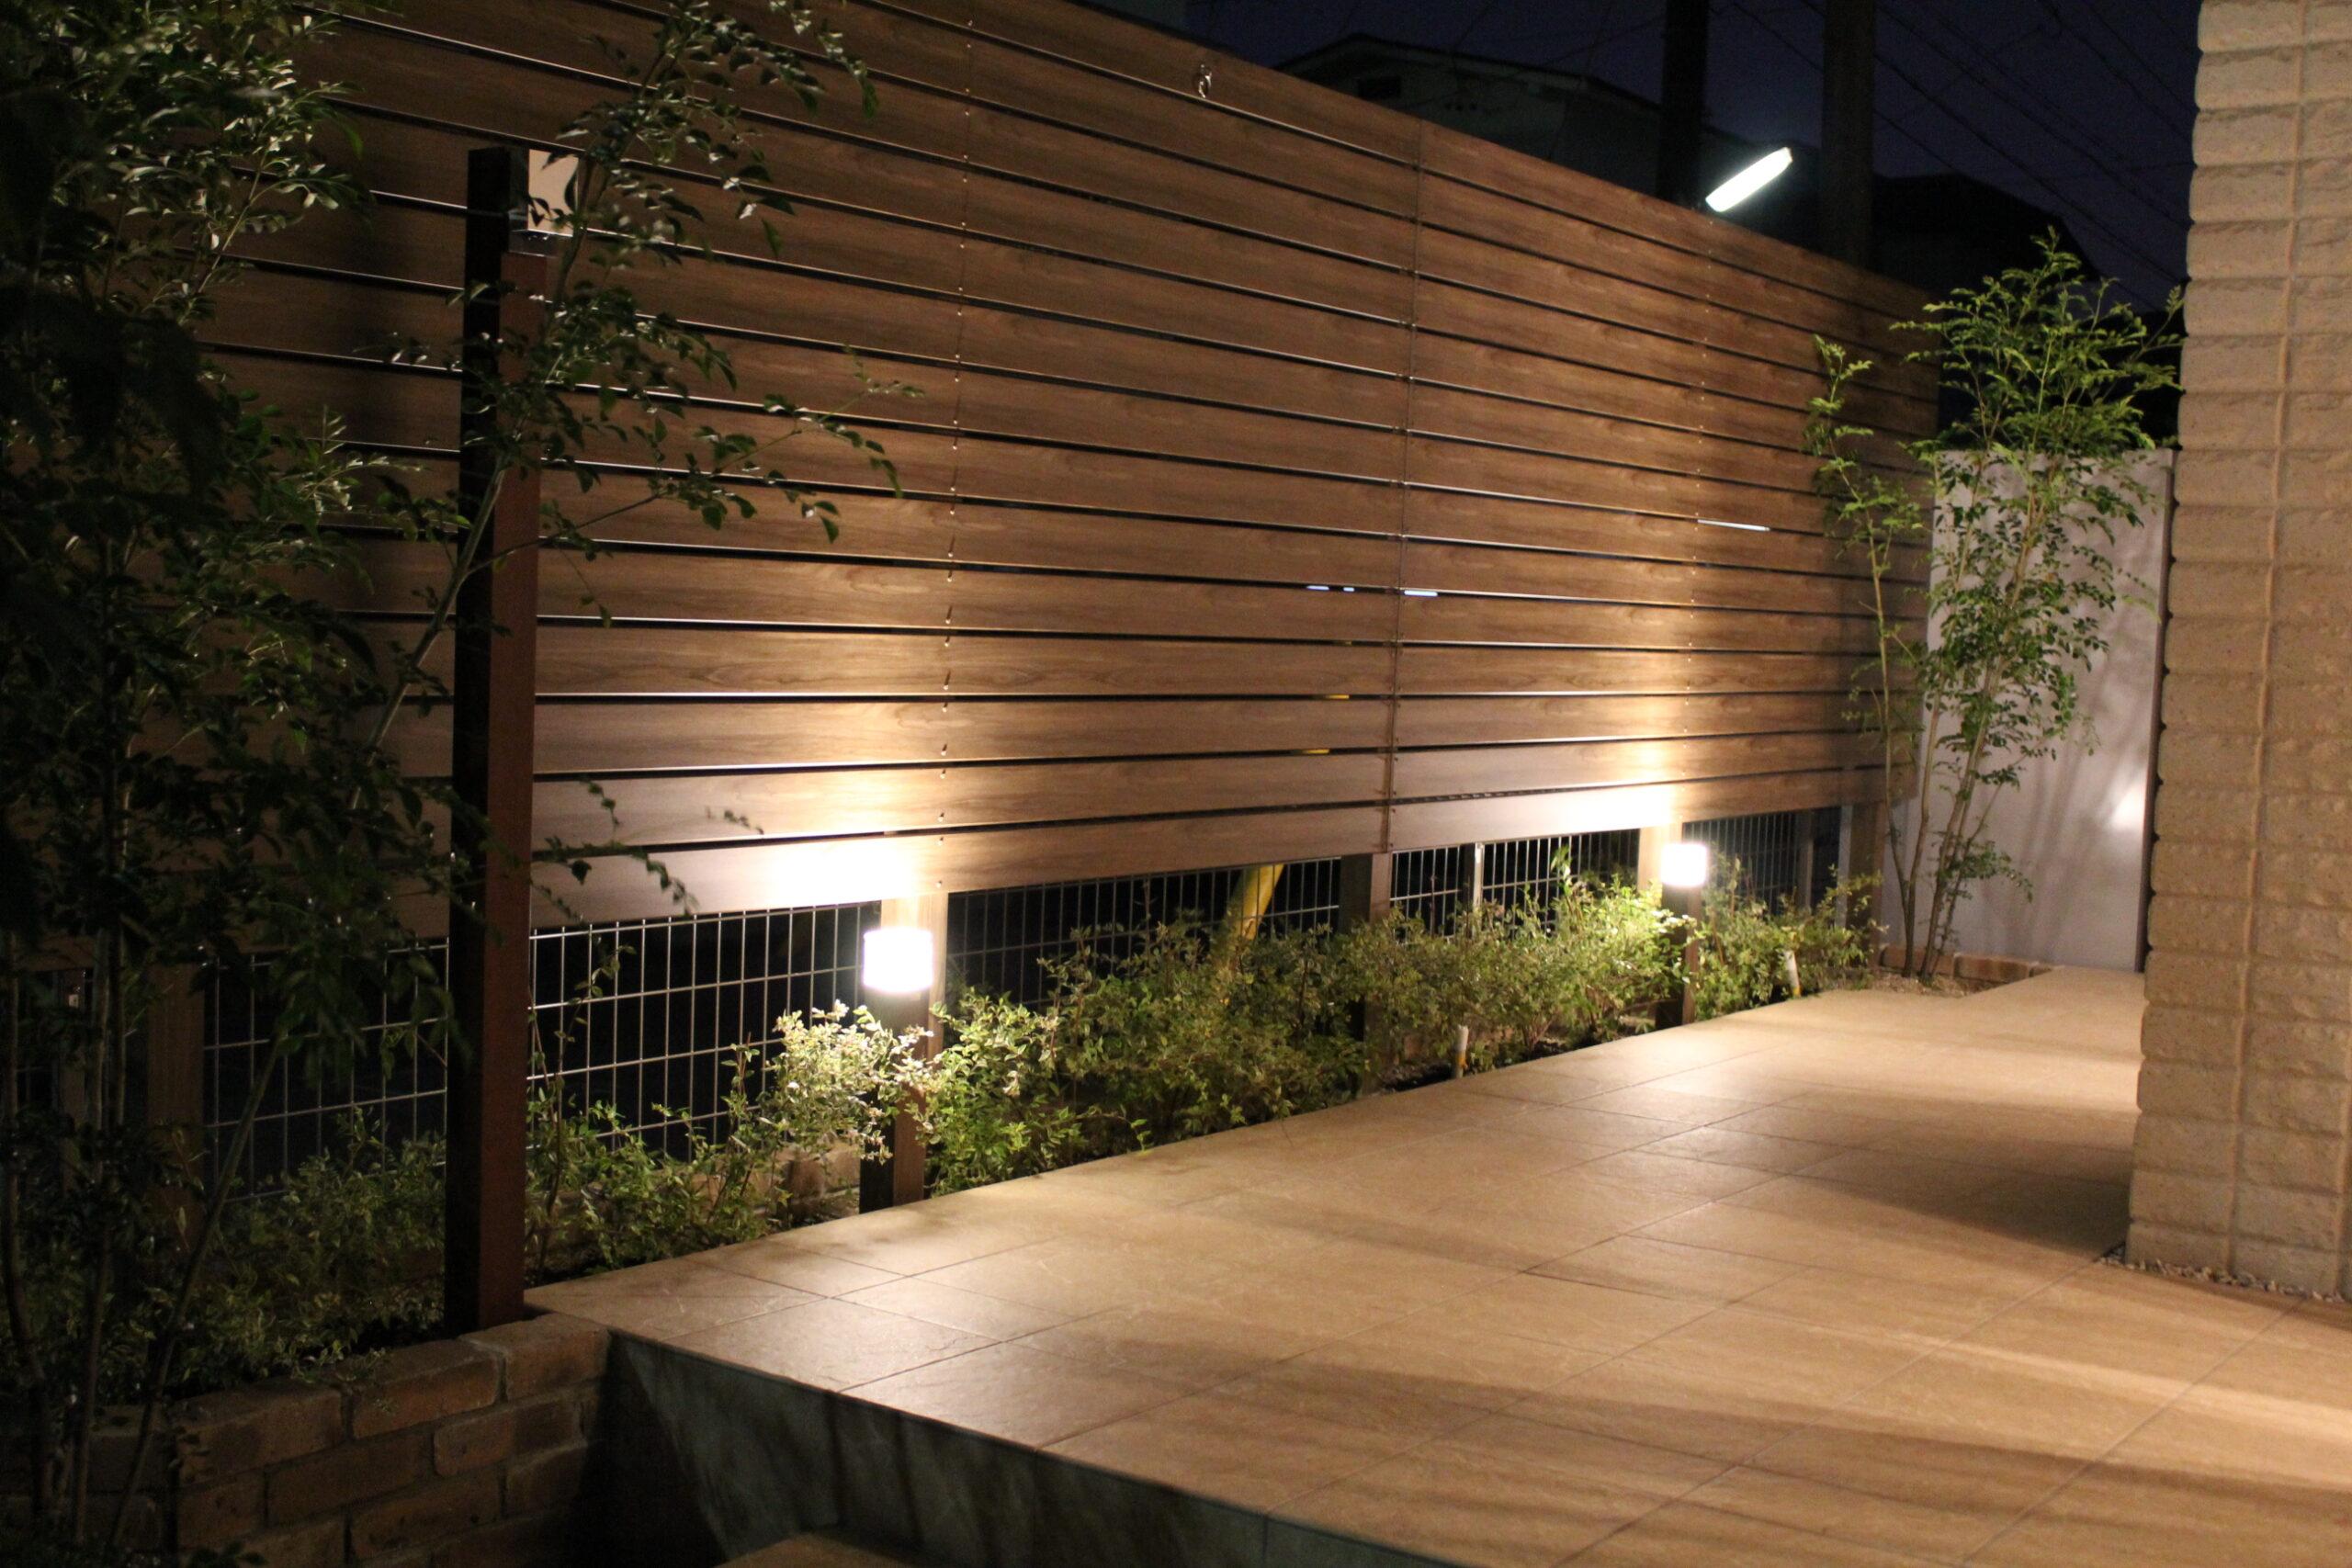 プライベート空間の確保とこだわりのライティング(名古屋市緑区T様邸)